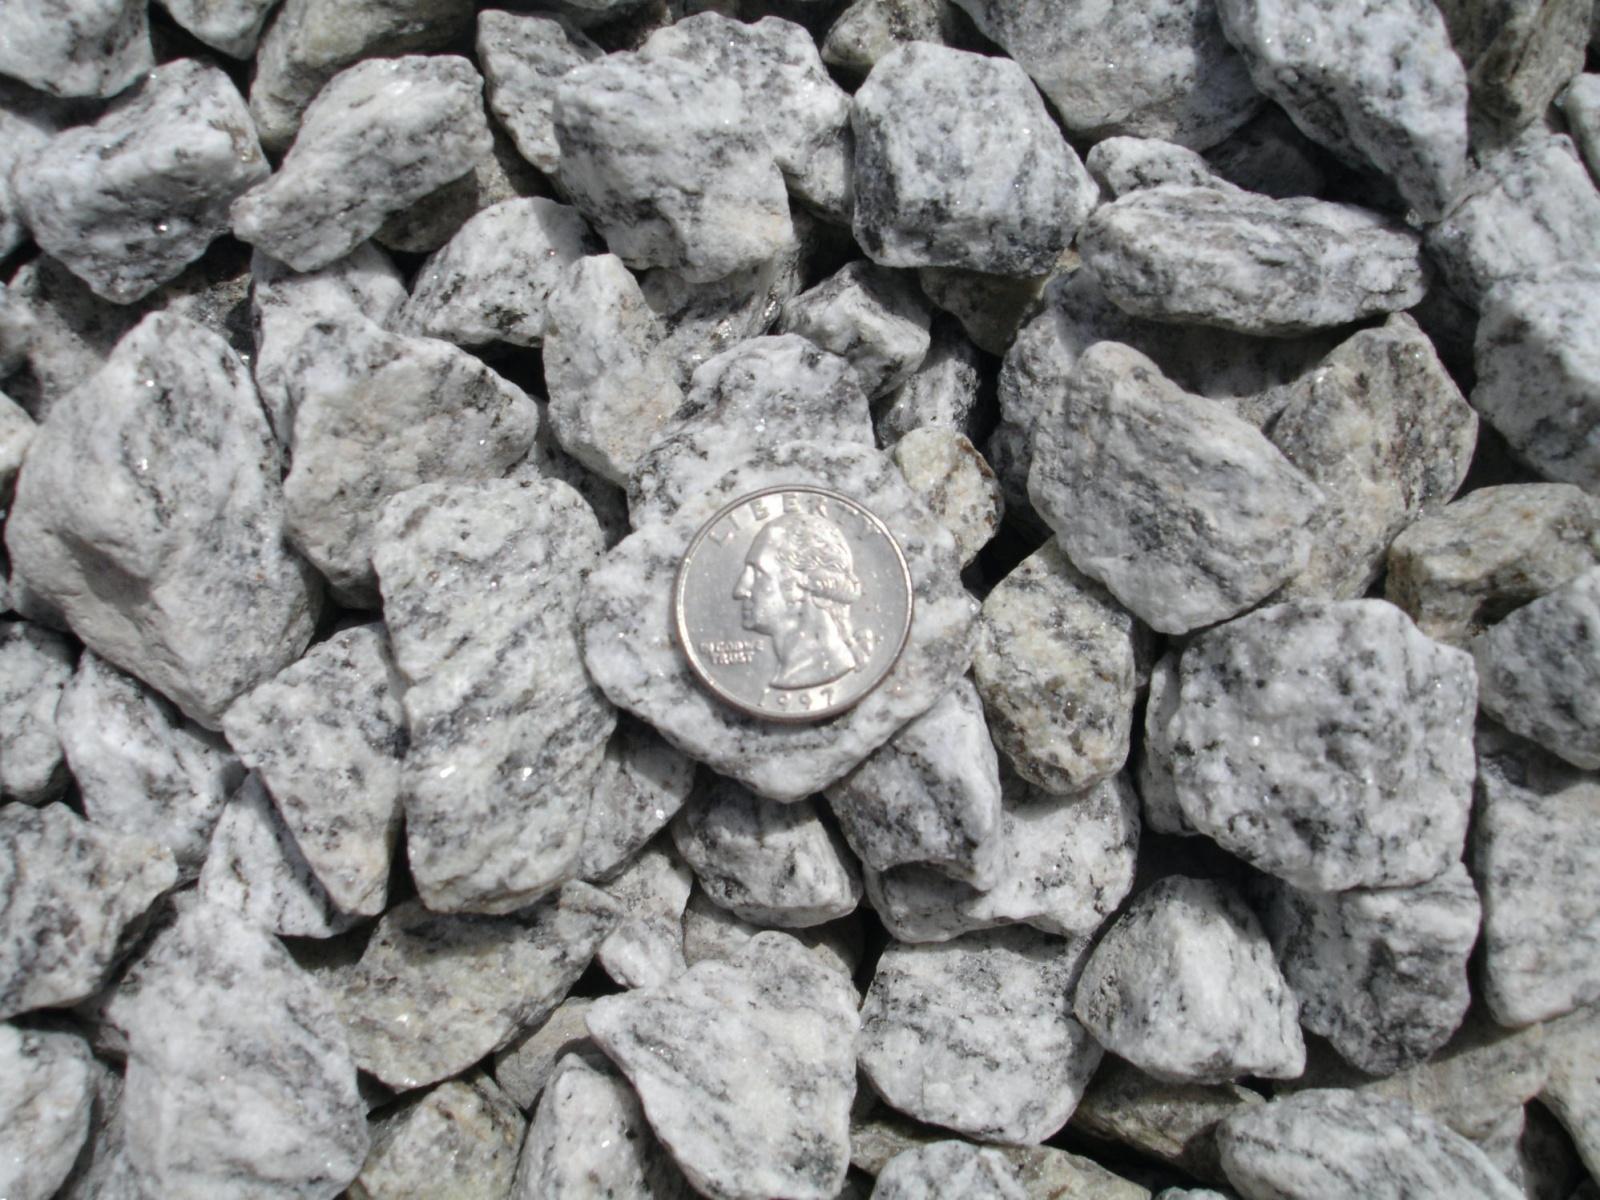 Zebra stone dry